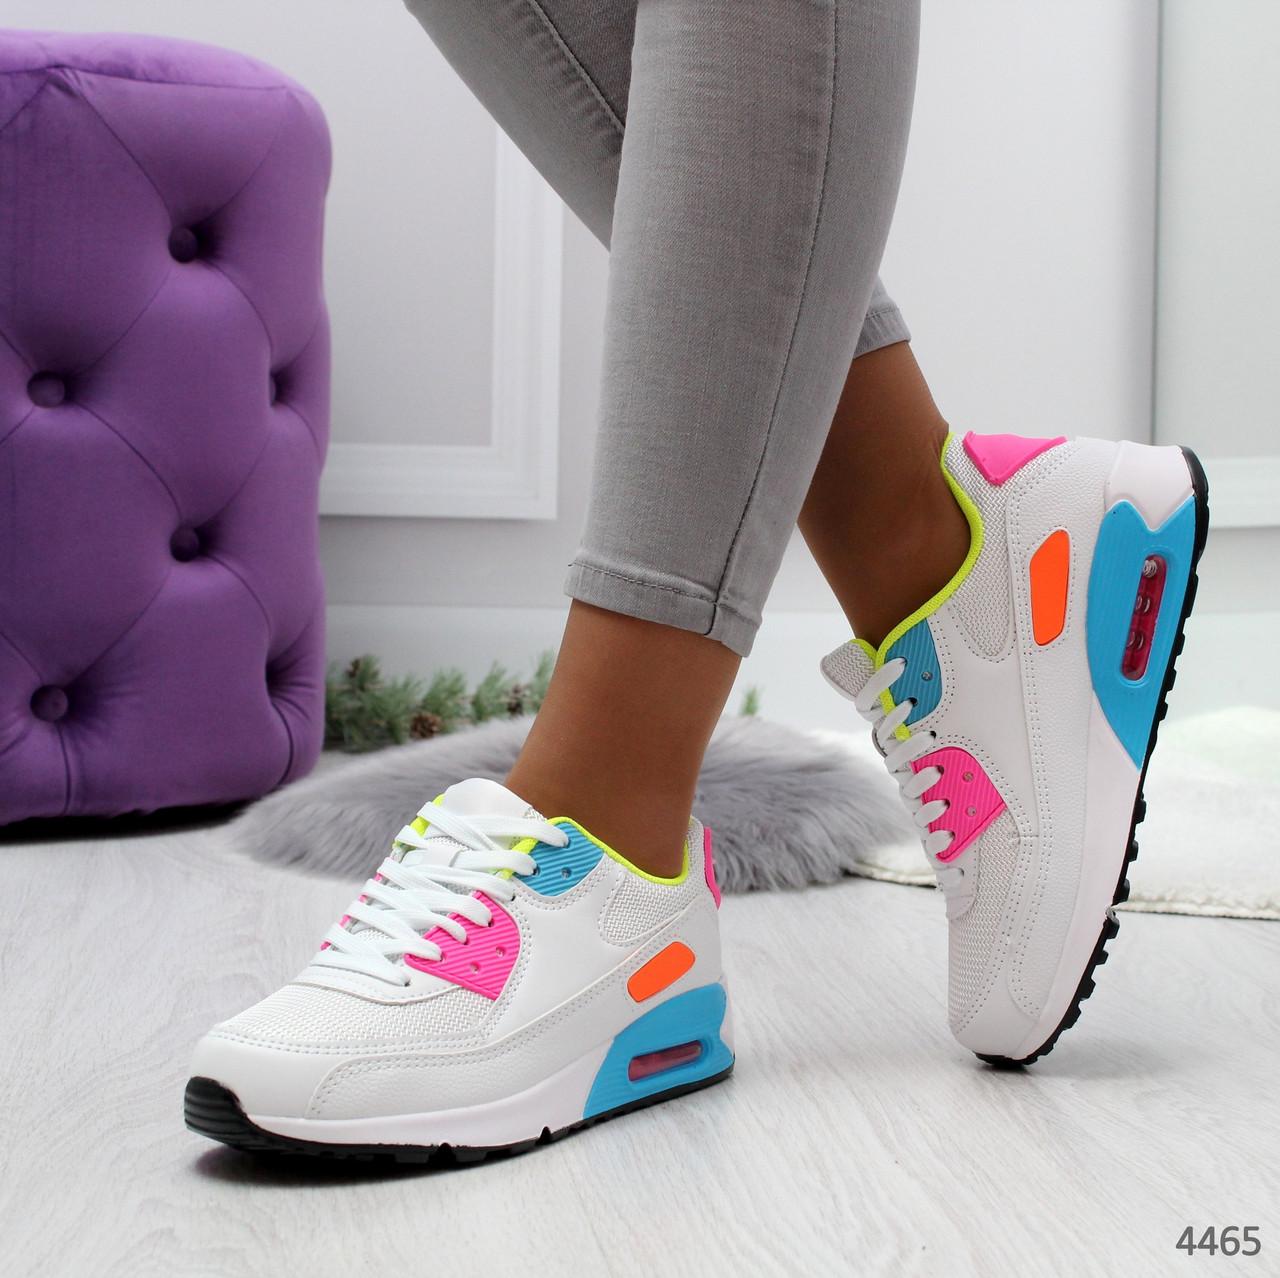 Женские кроссовки реплика Nike Air Max найк текстильные  цветные